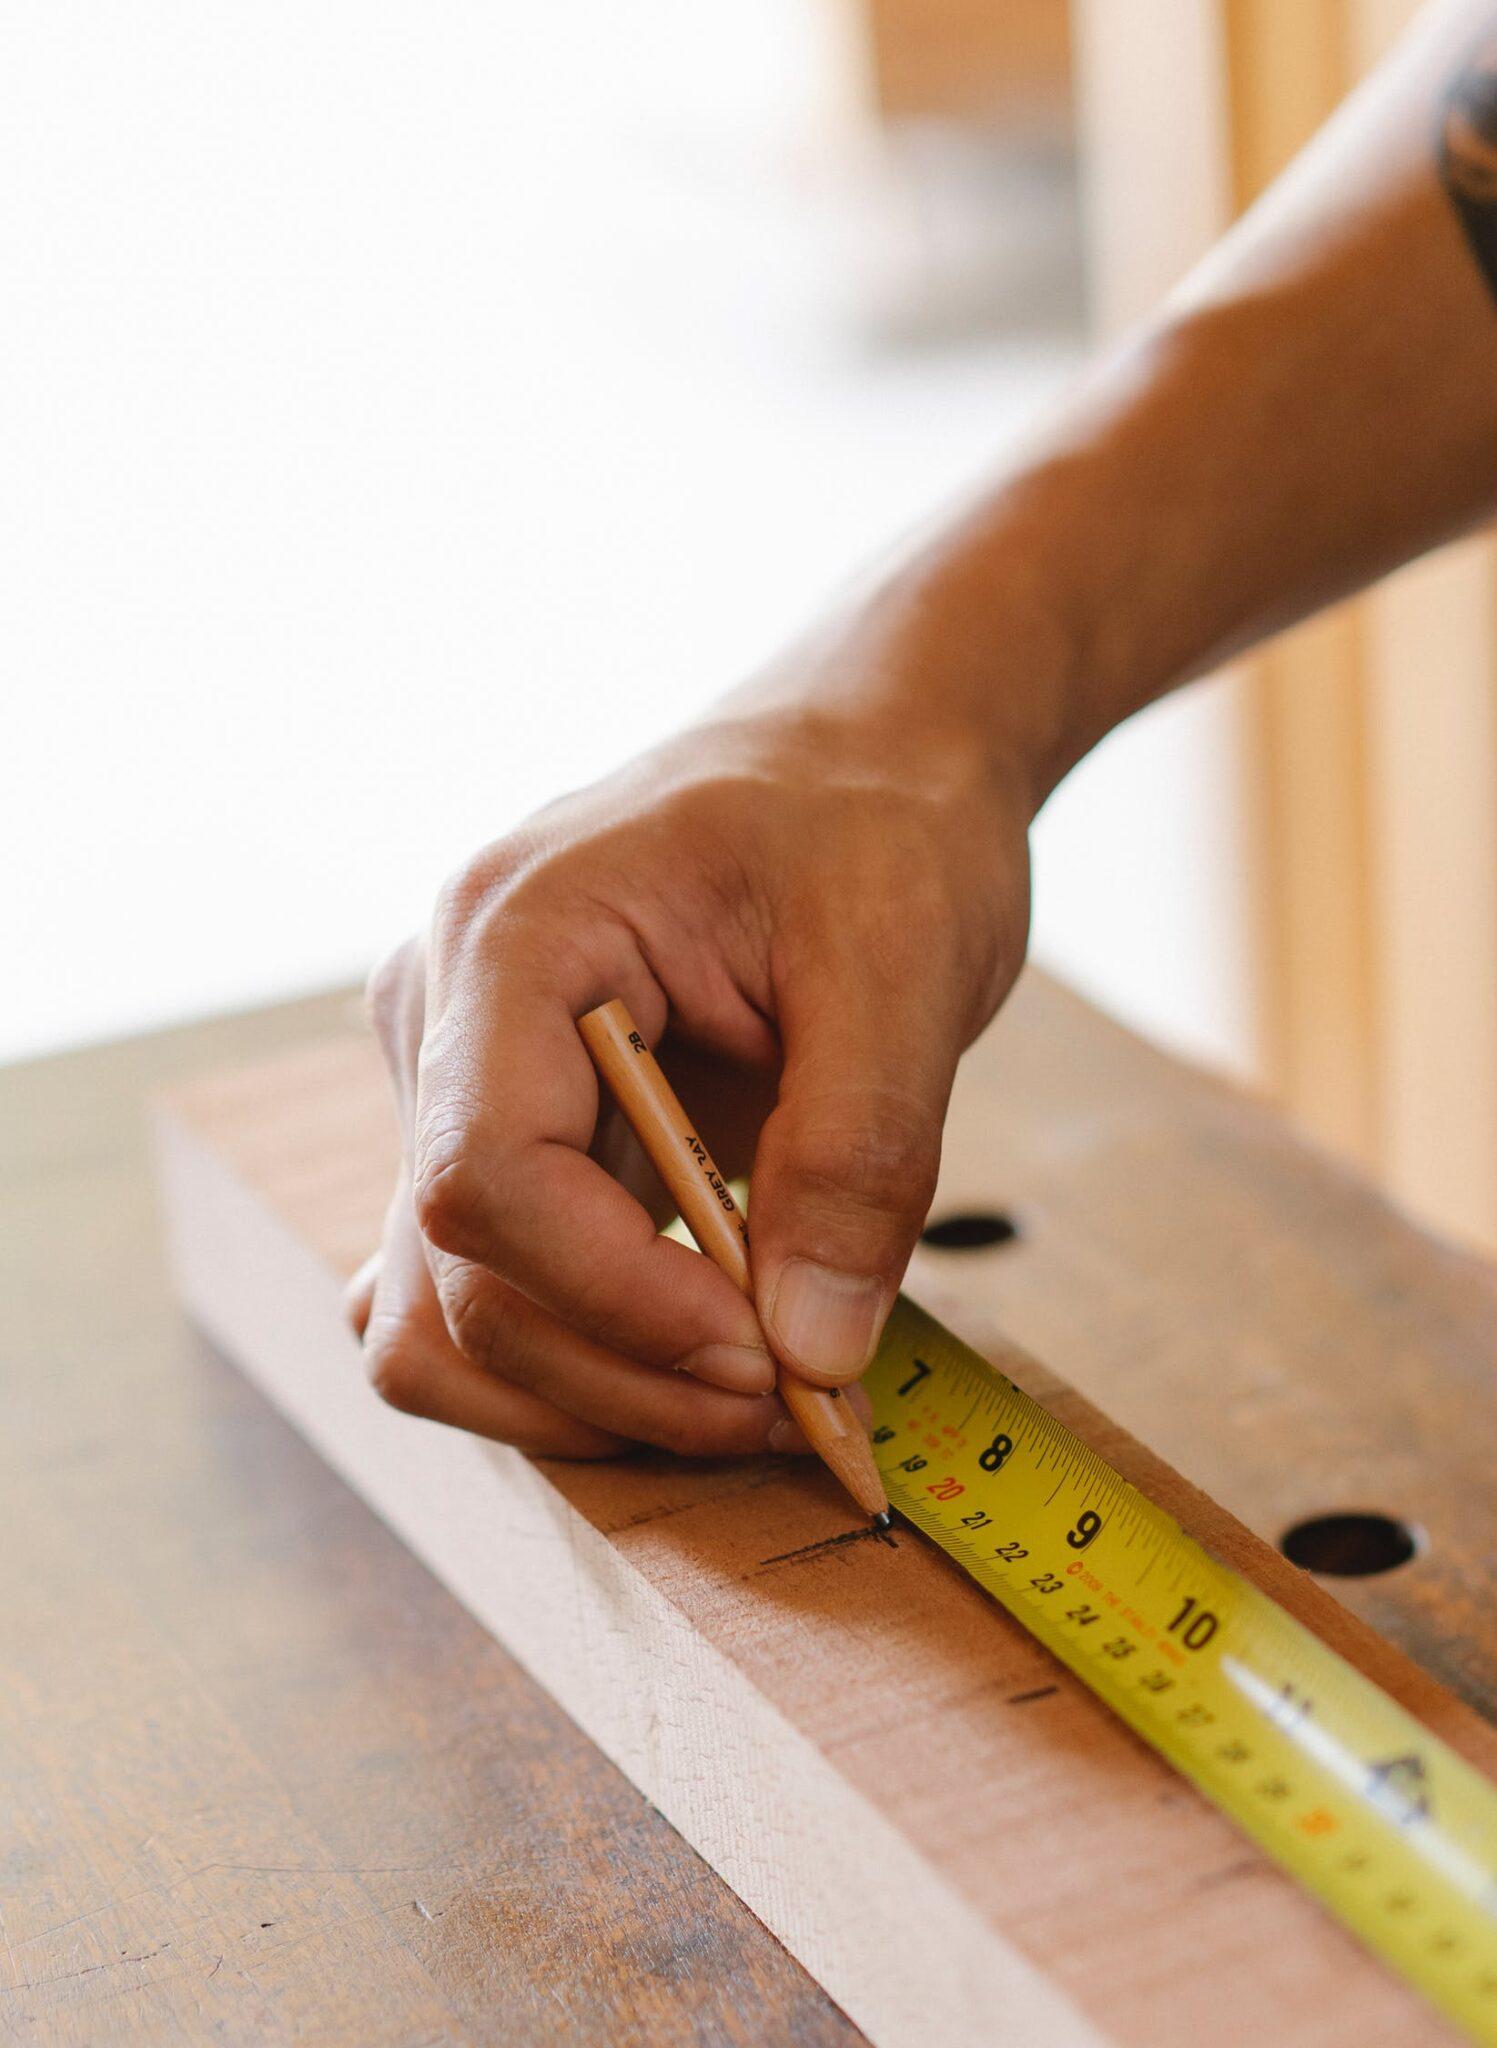 Black diamond on a tape measure